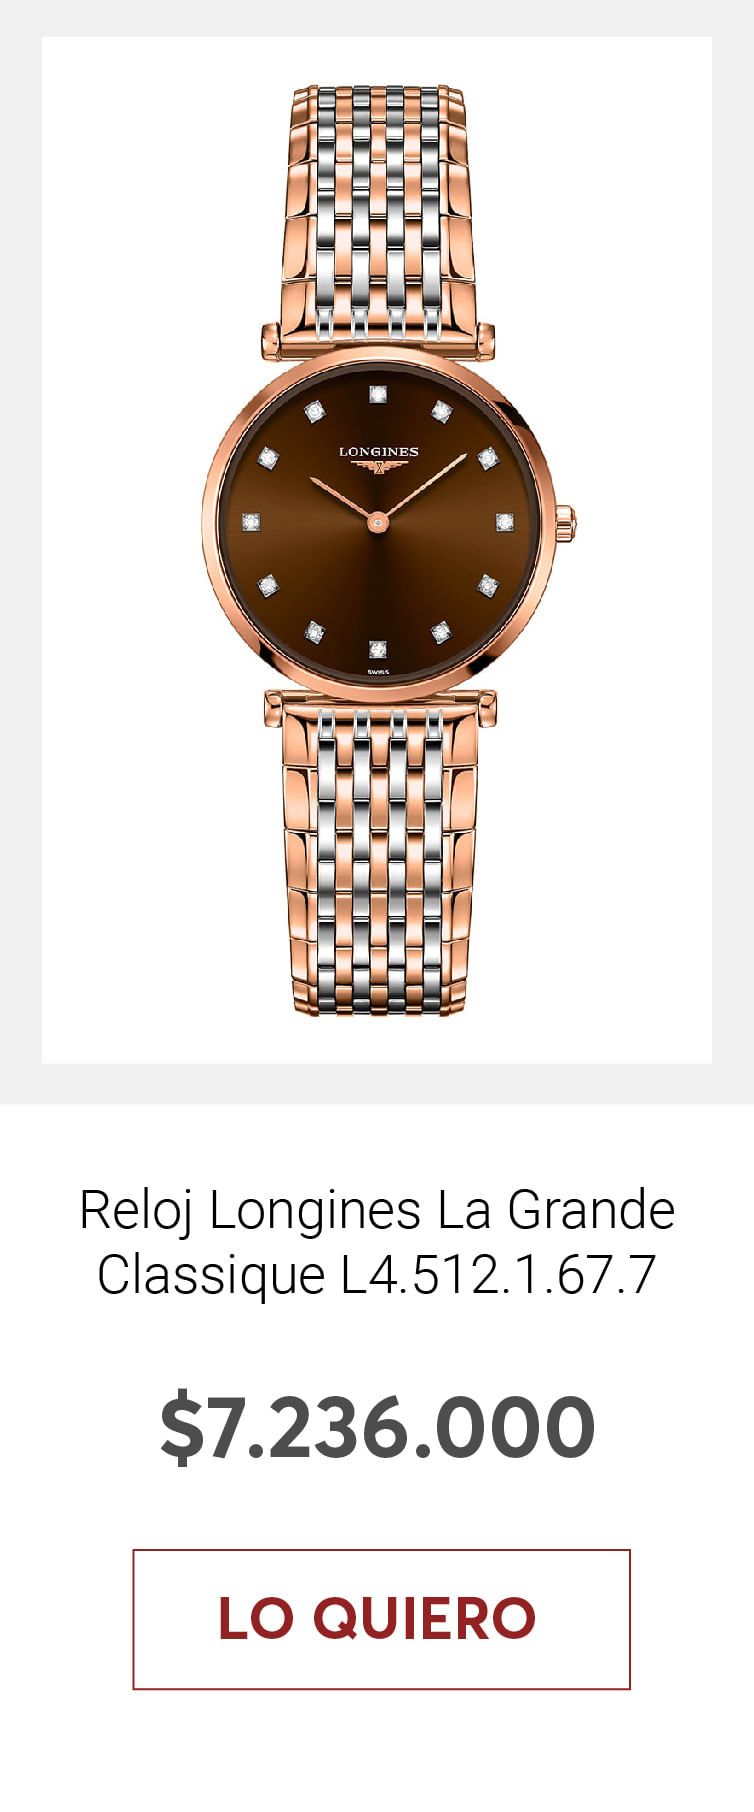 Reloj Longines La Grande Classique L4.512.1.67.7